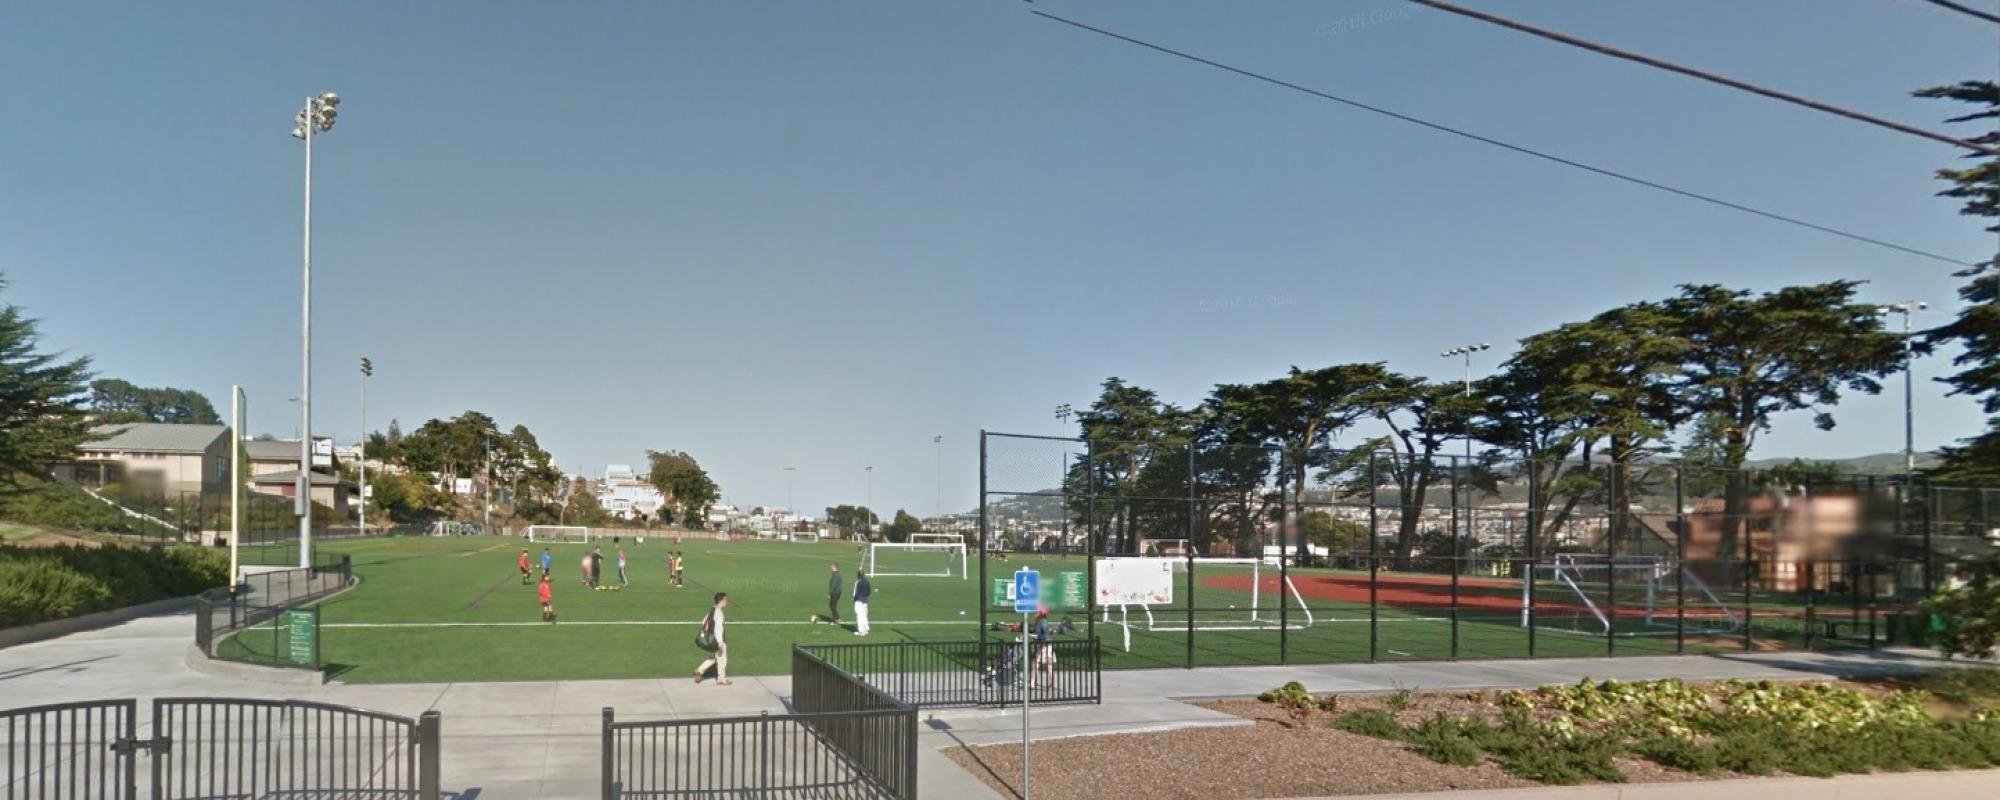 Minnie & Lovie Ward Recreation Center and Park